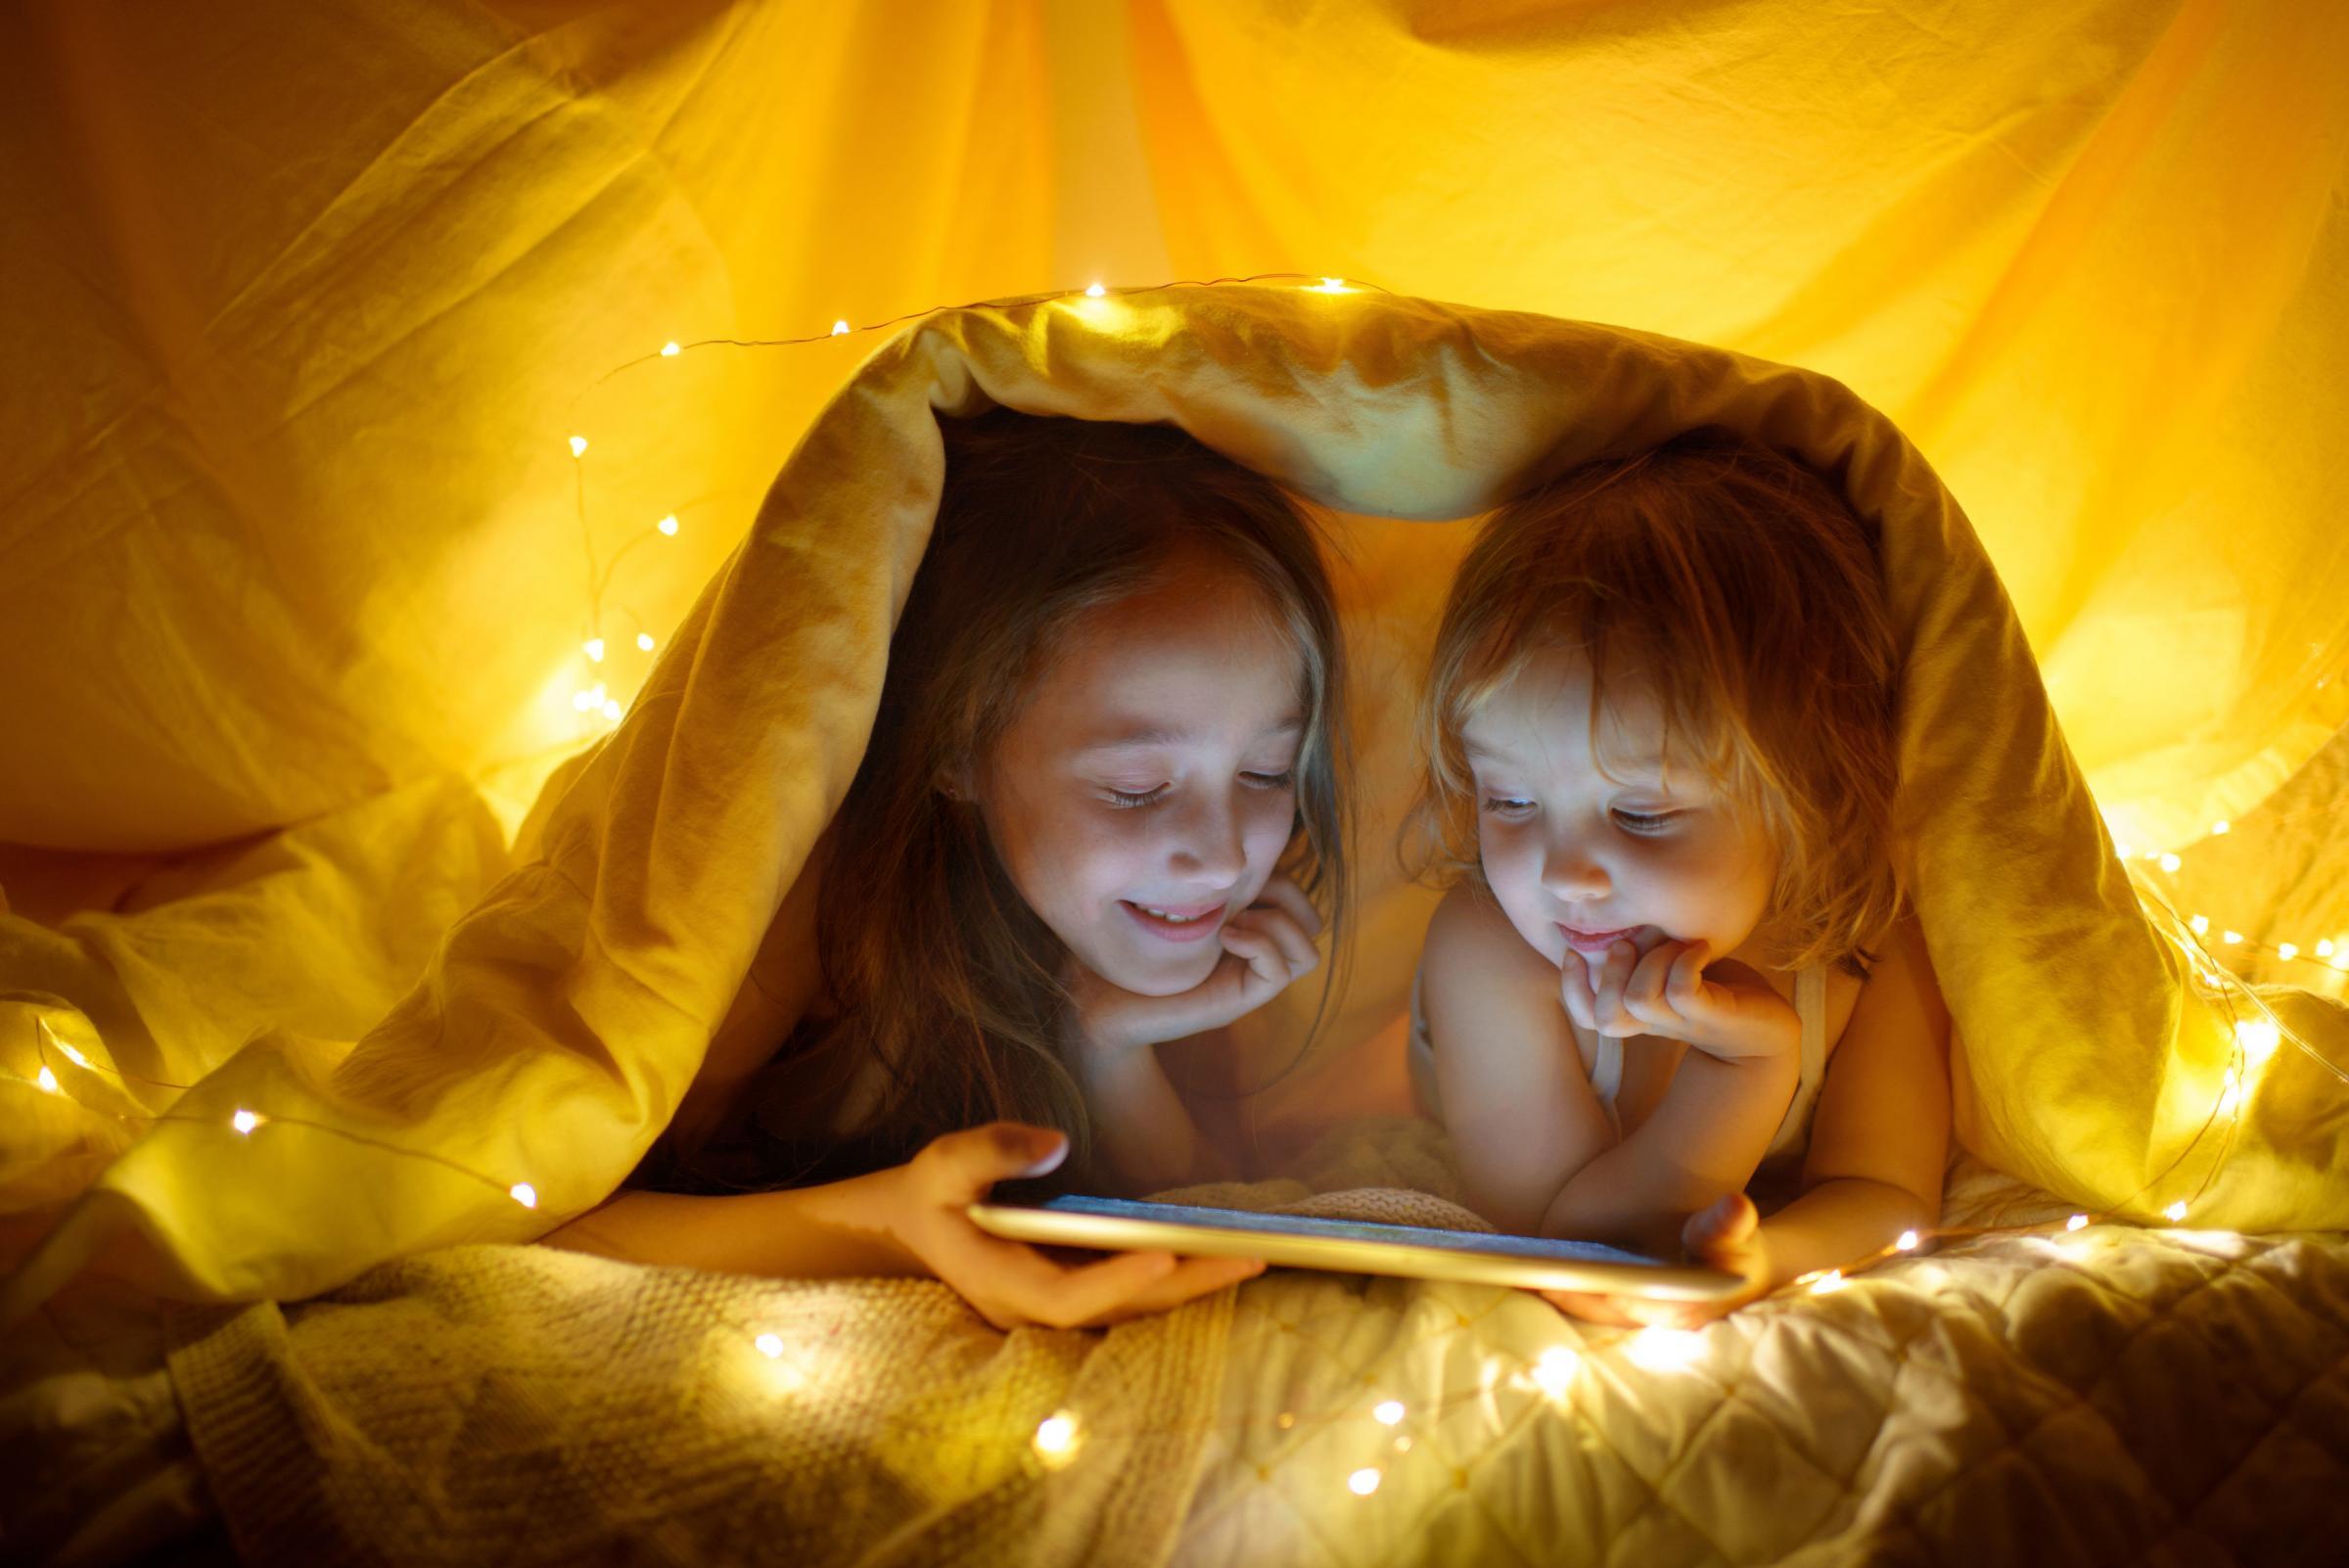 10 reglas que ayudarán a que sus hijos duerman mejor: Regla 1: pantallas apagadas